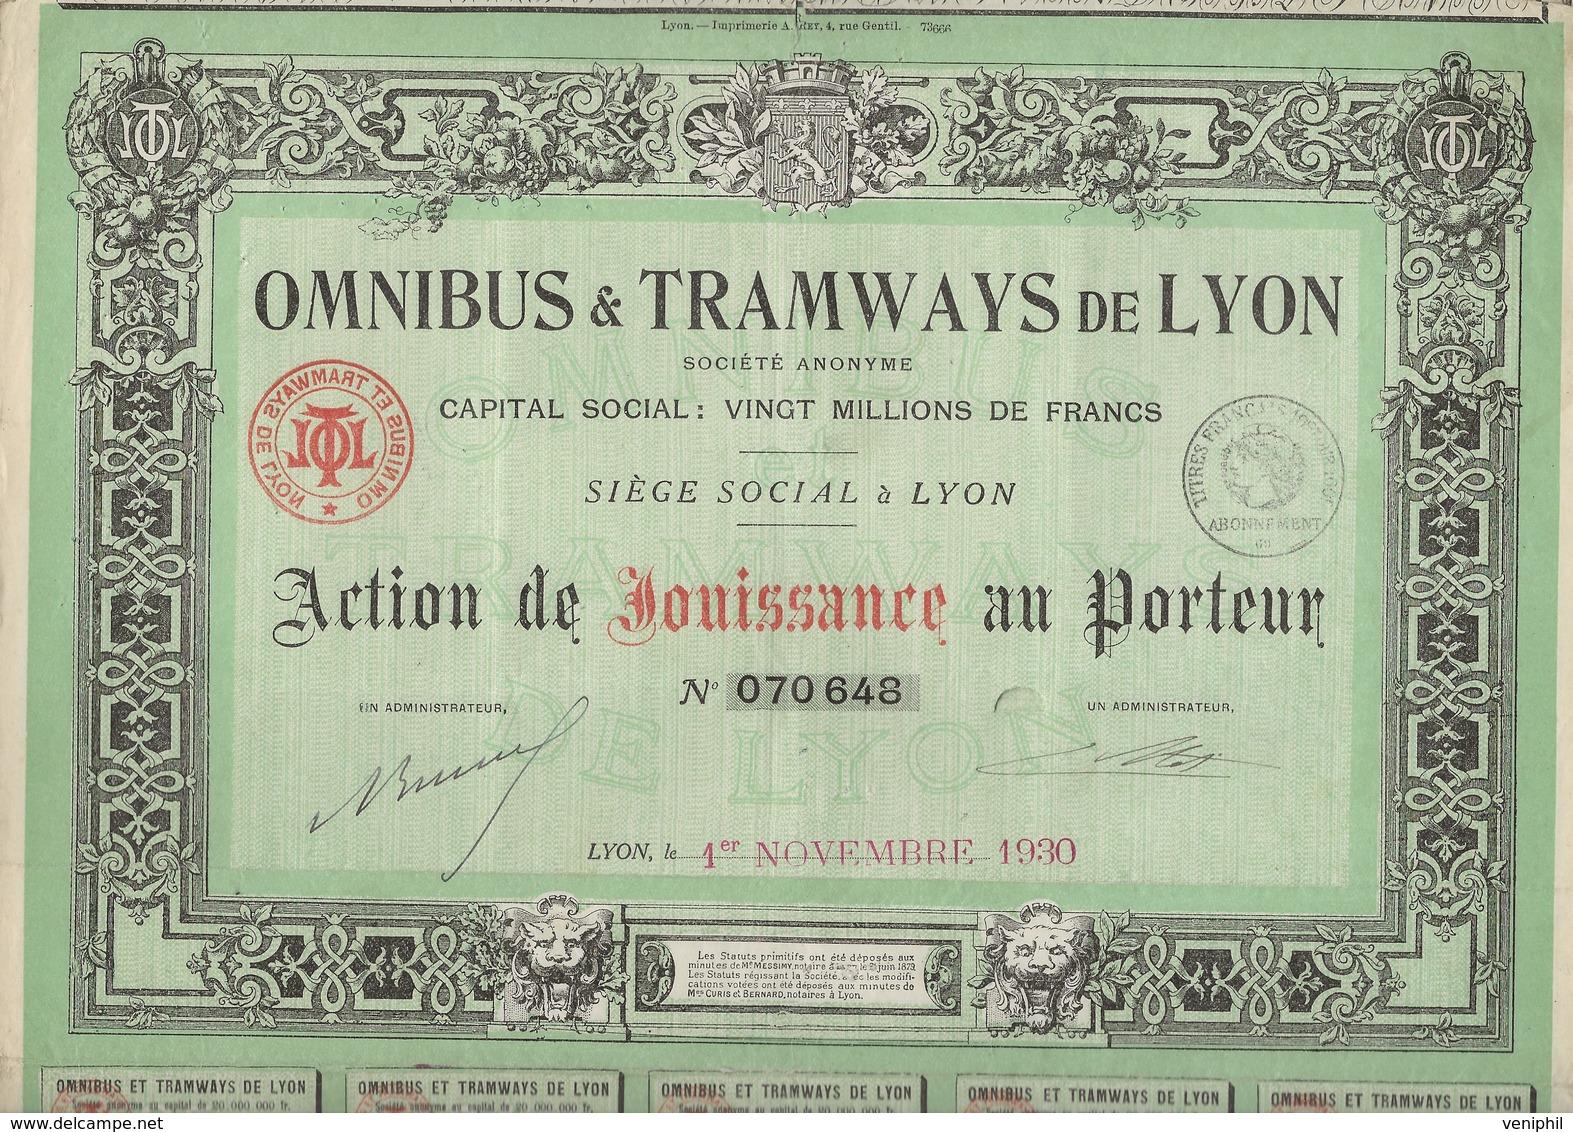 LOT DE 5 ACTIONS DE JOUISSANCE -OMNIBUS ET TRAMWAYS DE LYON - ANNEE 1920-27-30-35-37- - Chemin De Fer & Tramway